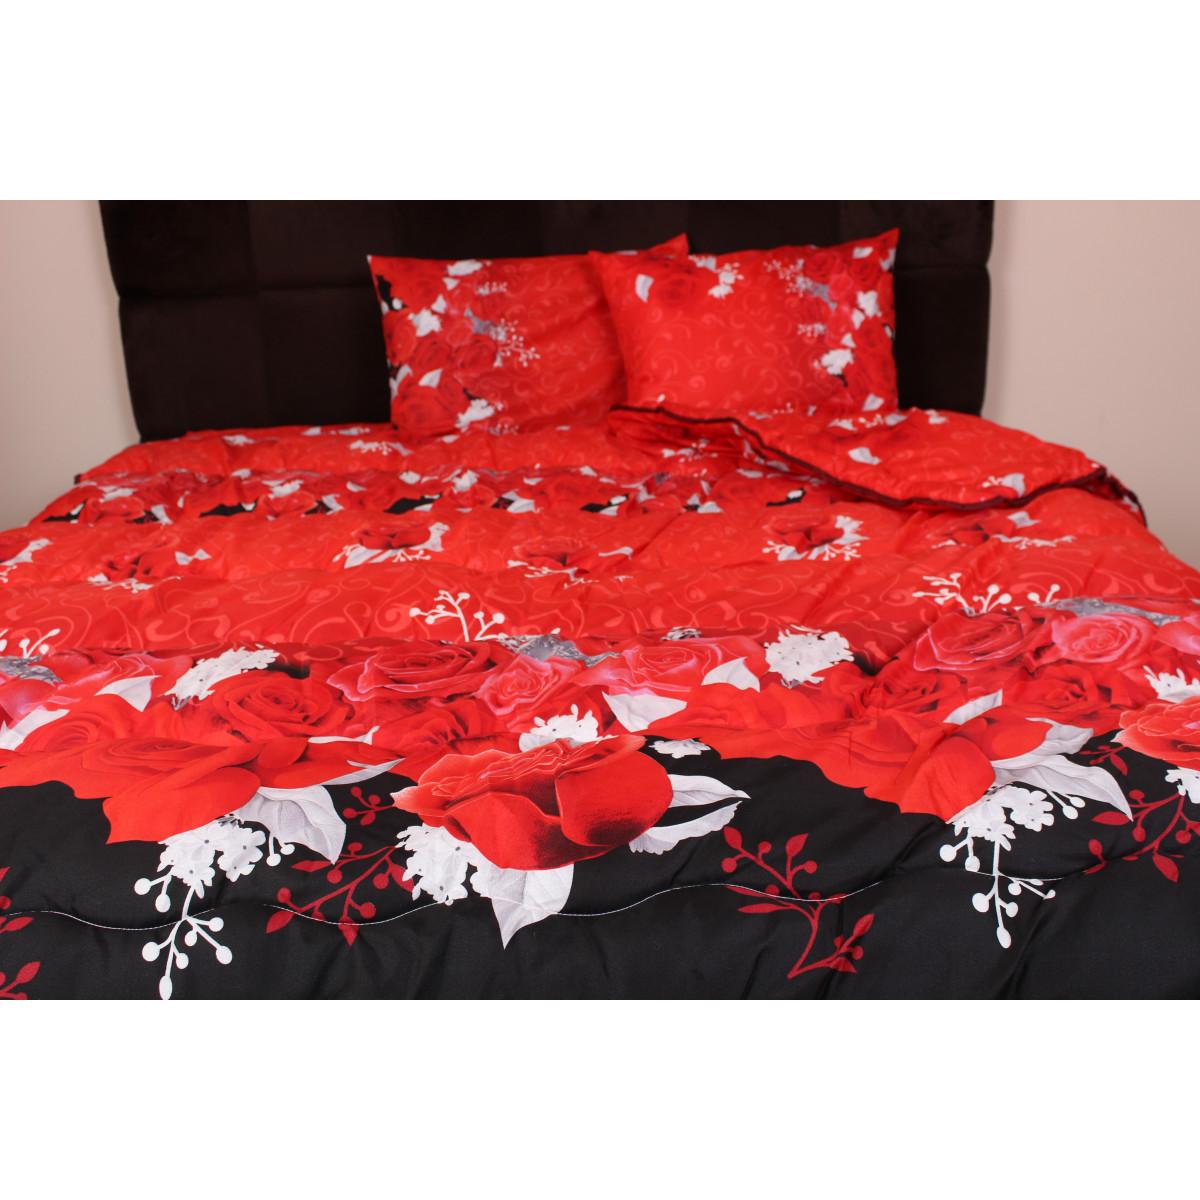 Олекотен спален комплект - 100% полиестер щампа - дисперс - Червена роза